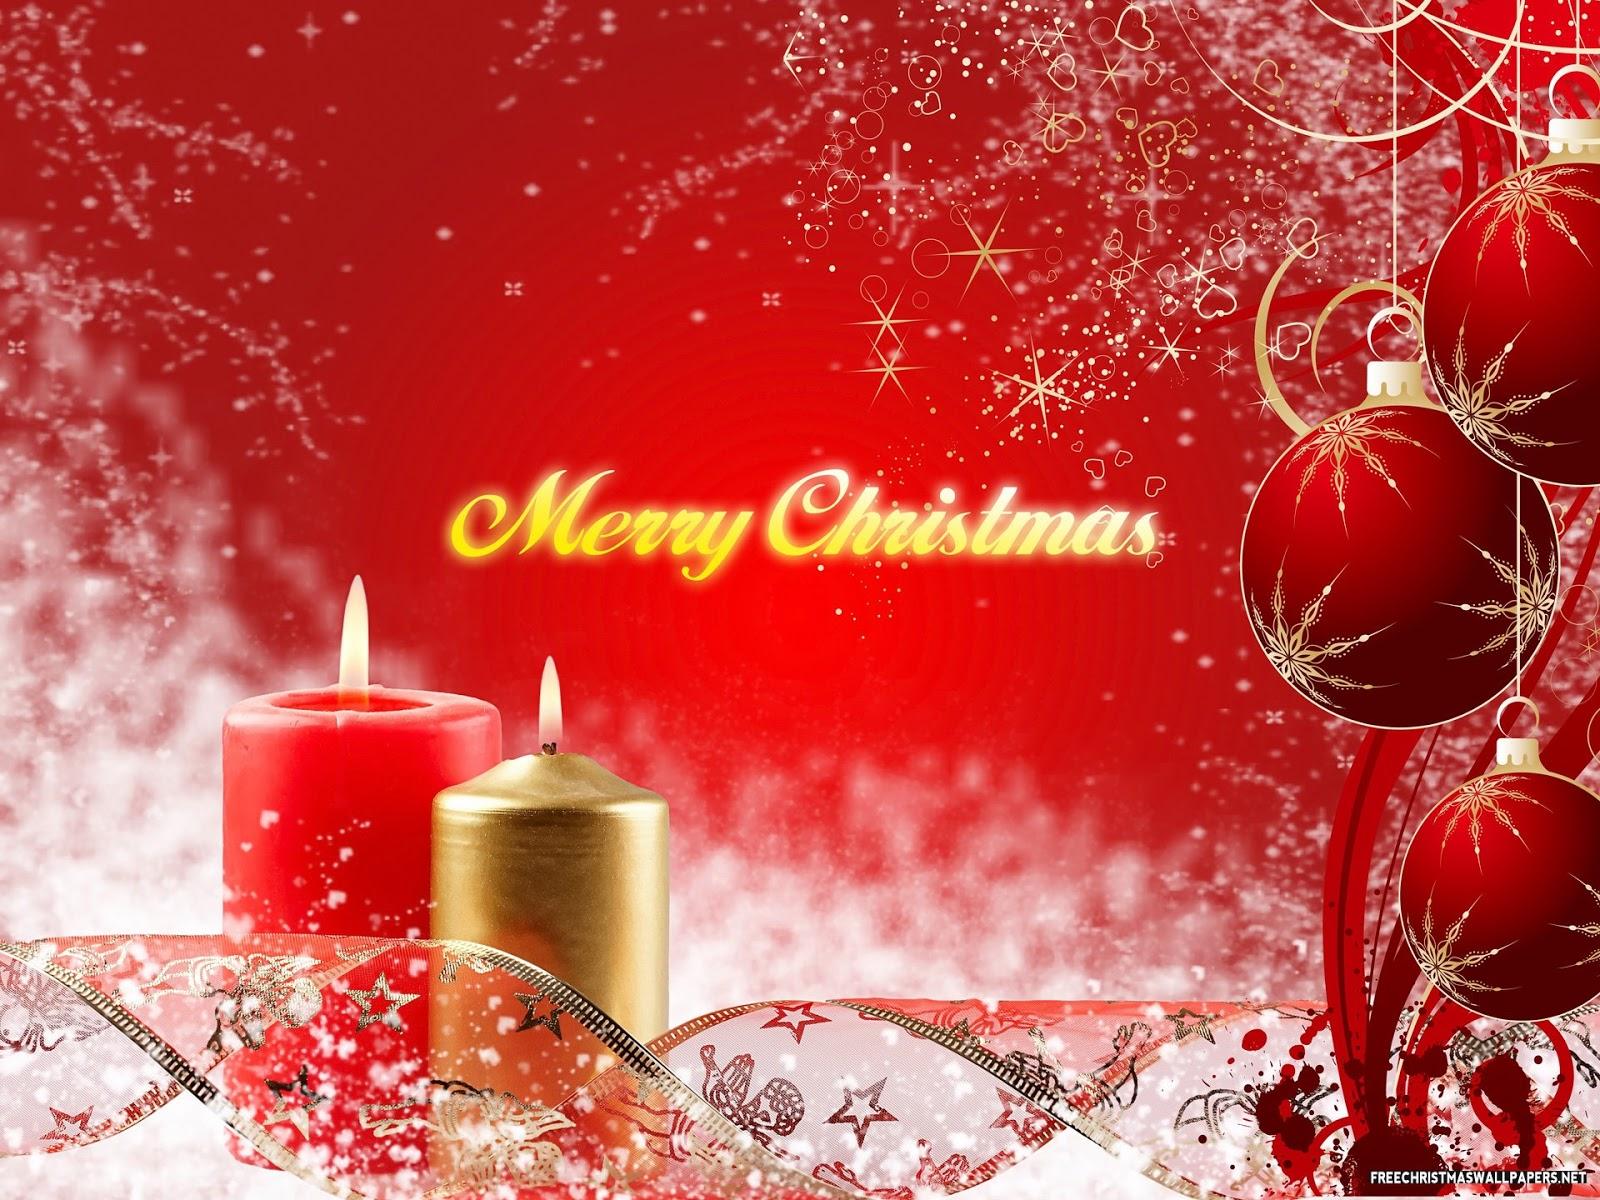 Chuc Mung Giang Sinh Chúc Mừng Giáng Sinh